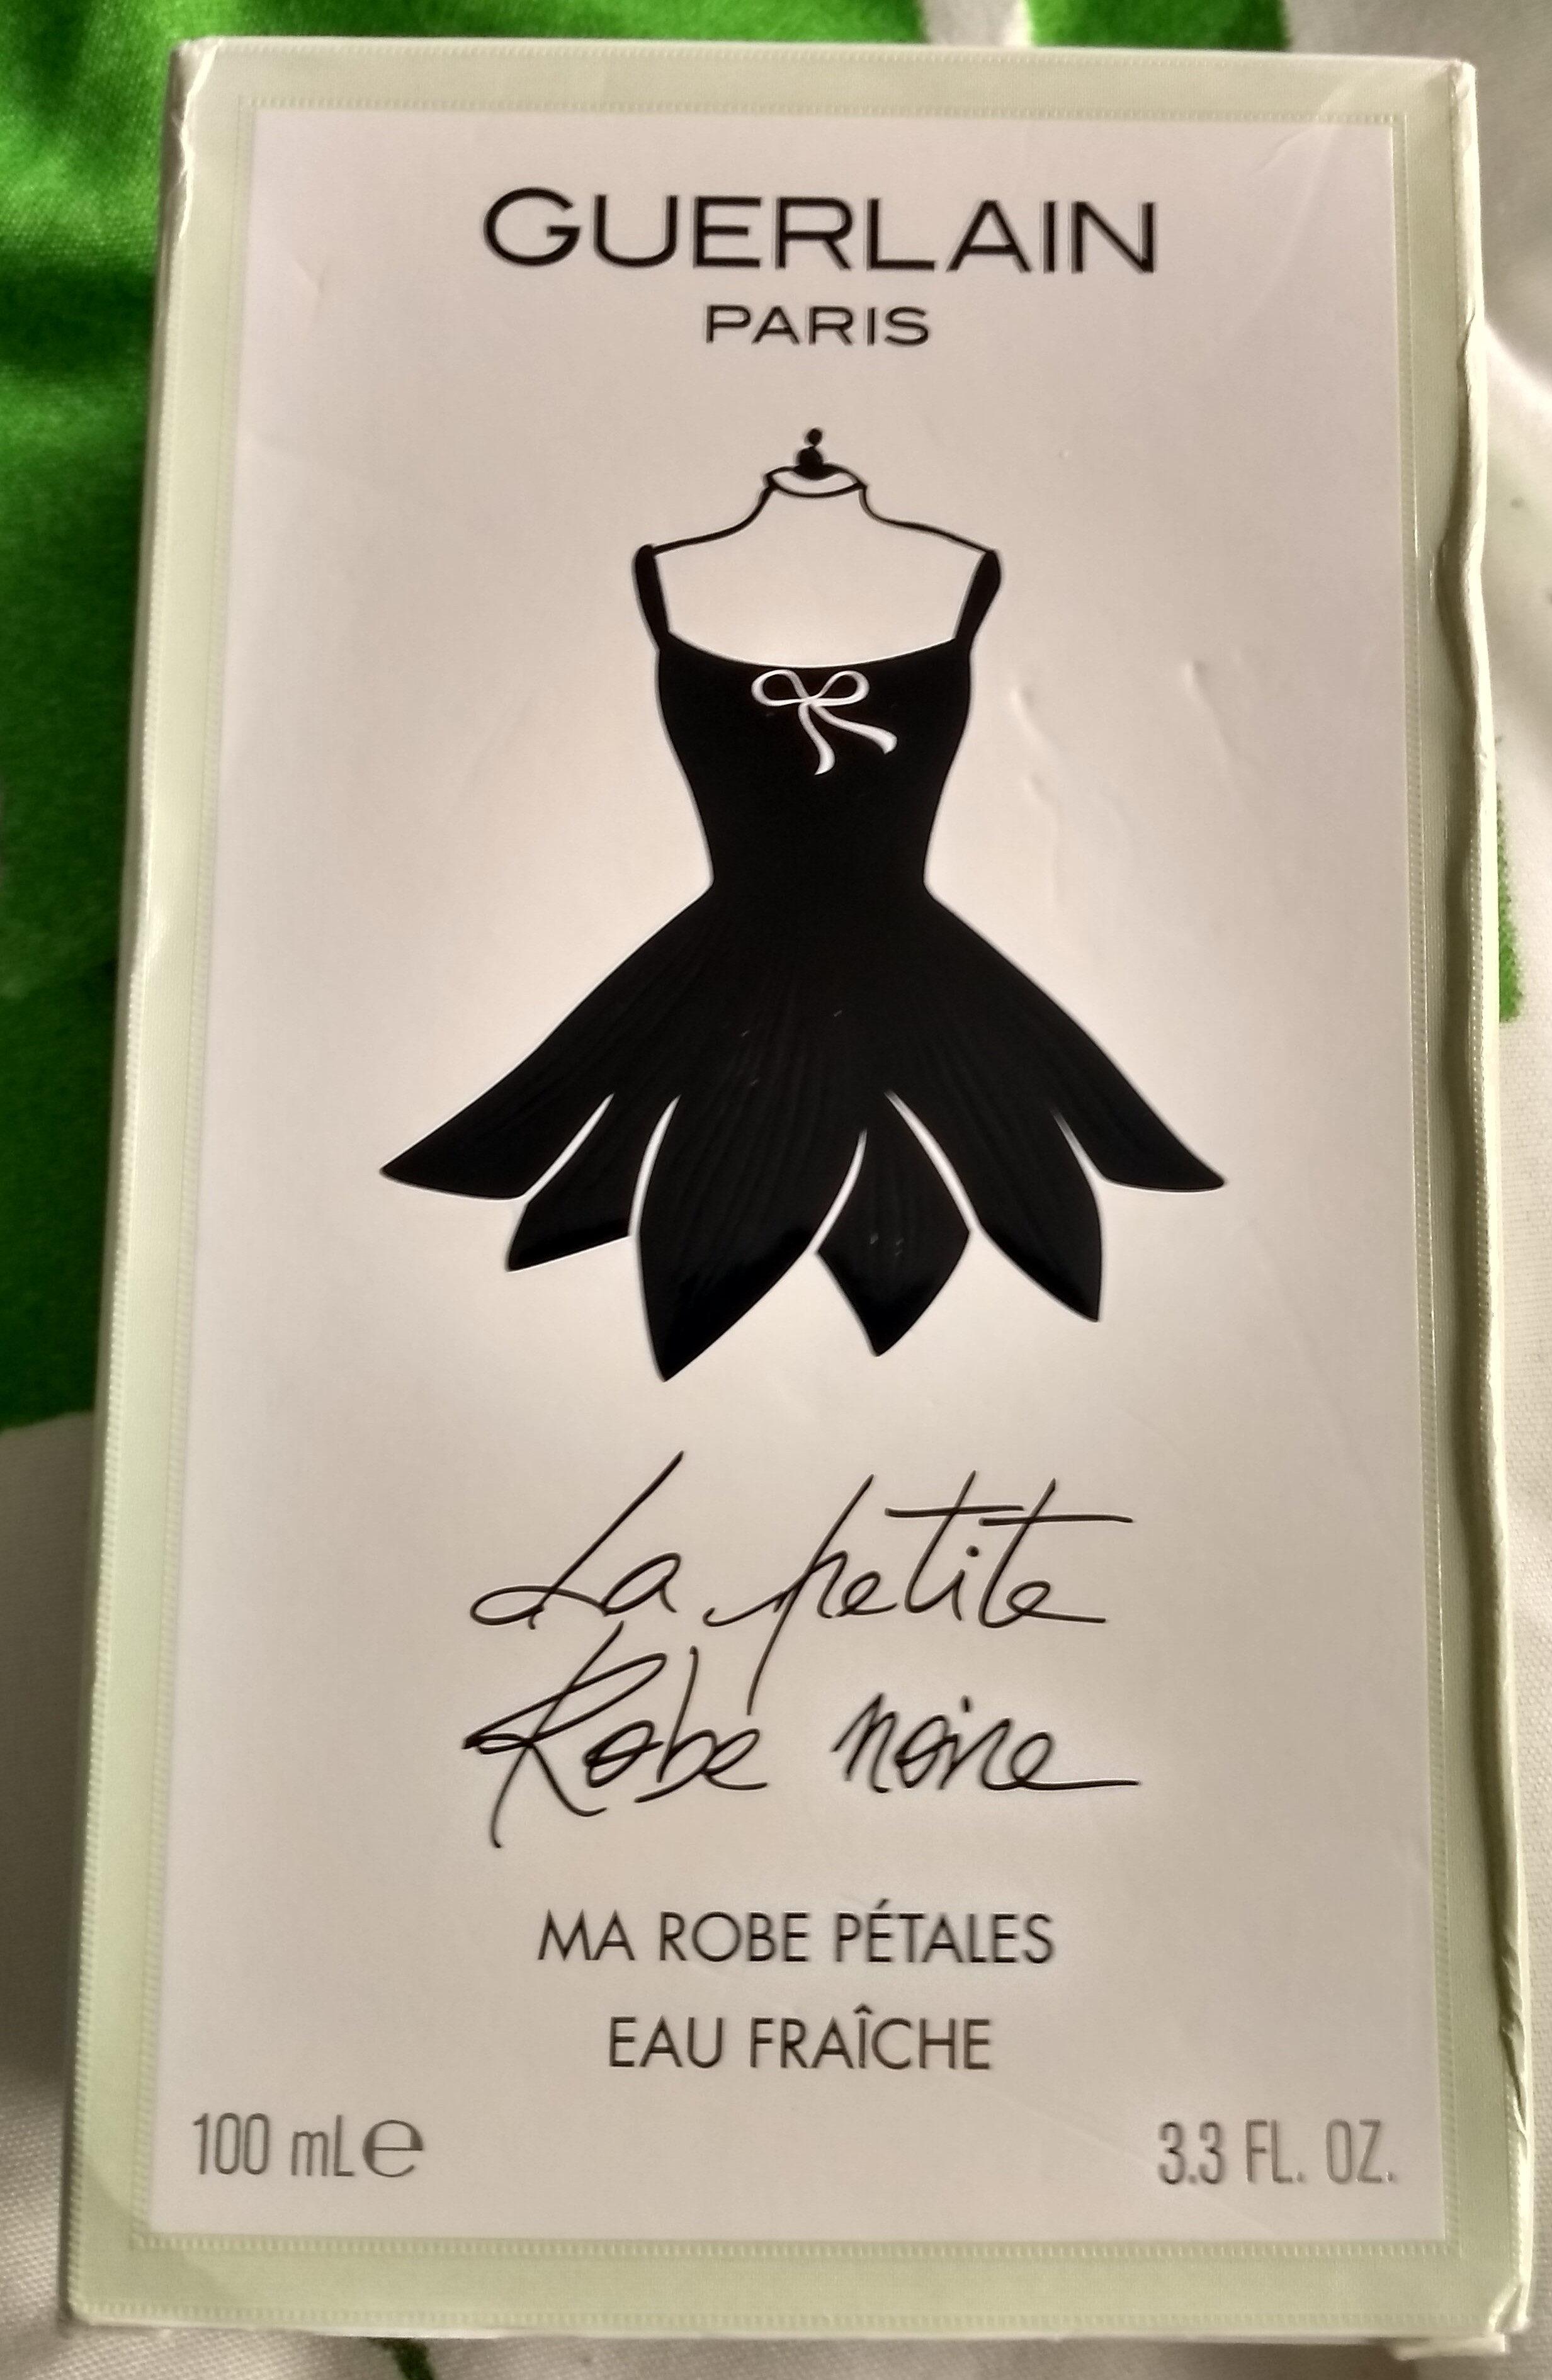 La petite robe noire. Ma robe pétales. - Product - fr